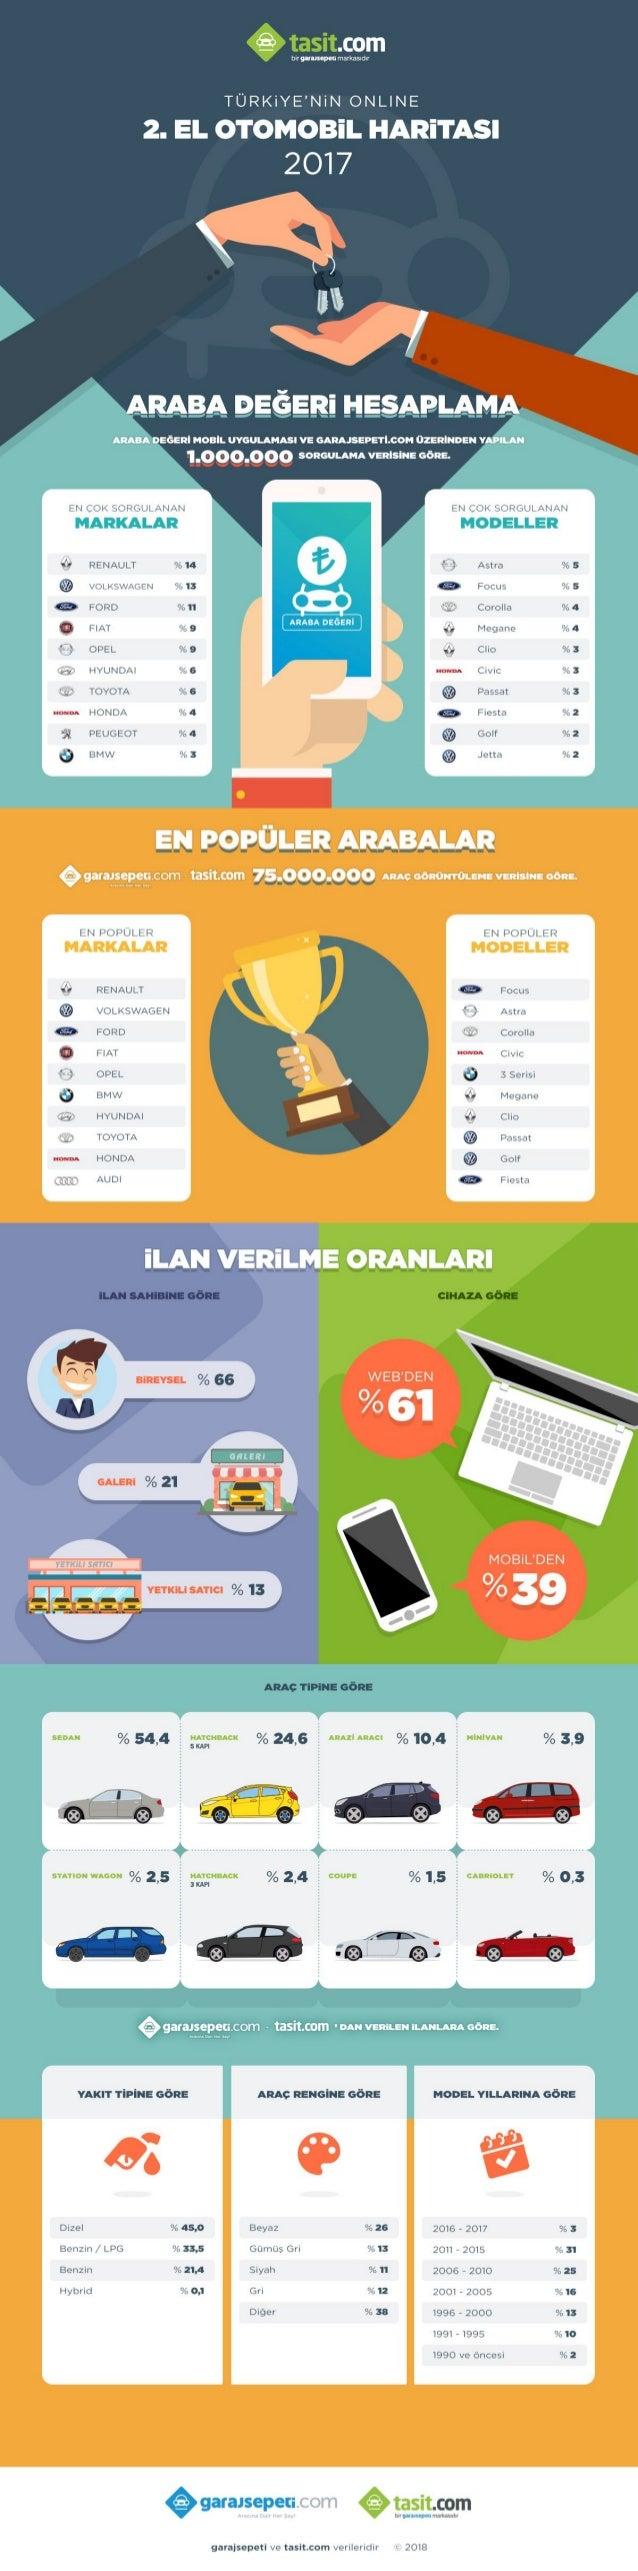 Türkiye'nin online 2.el otomobil haritasi